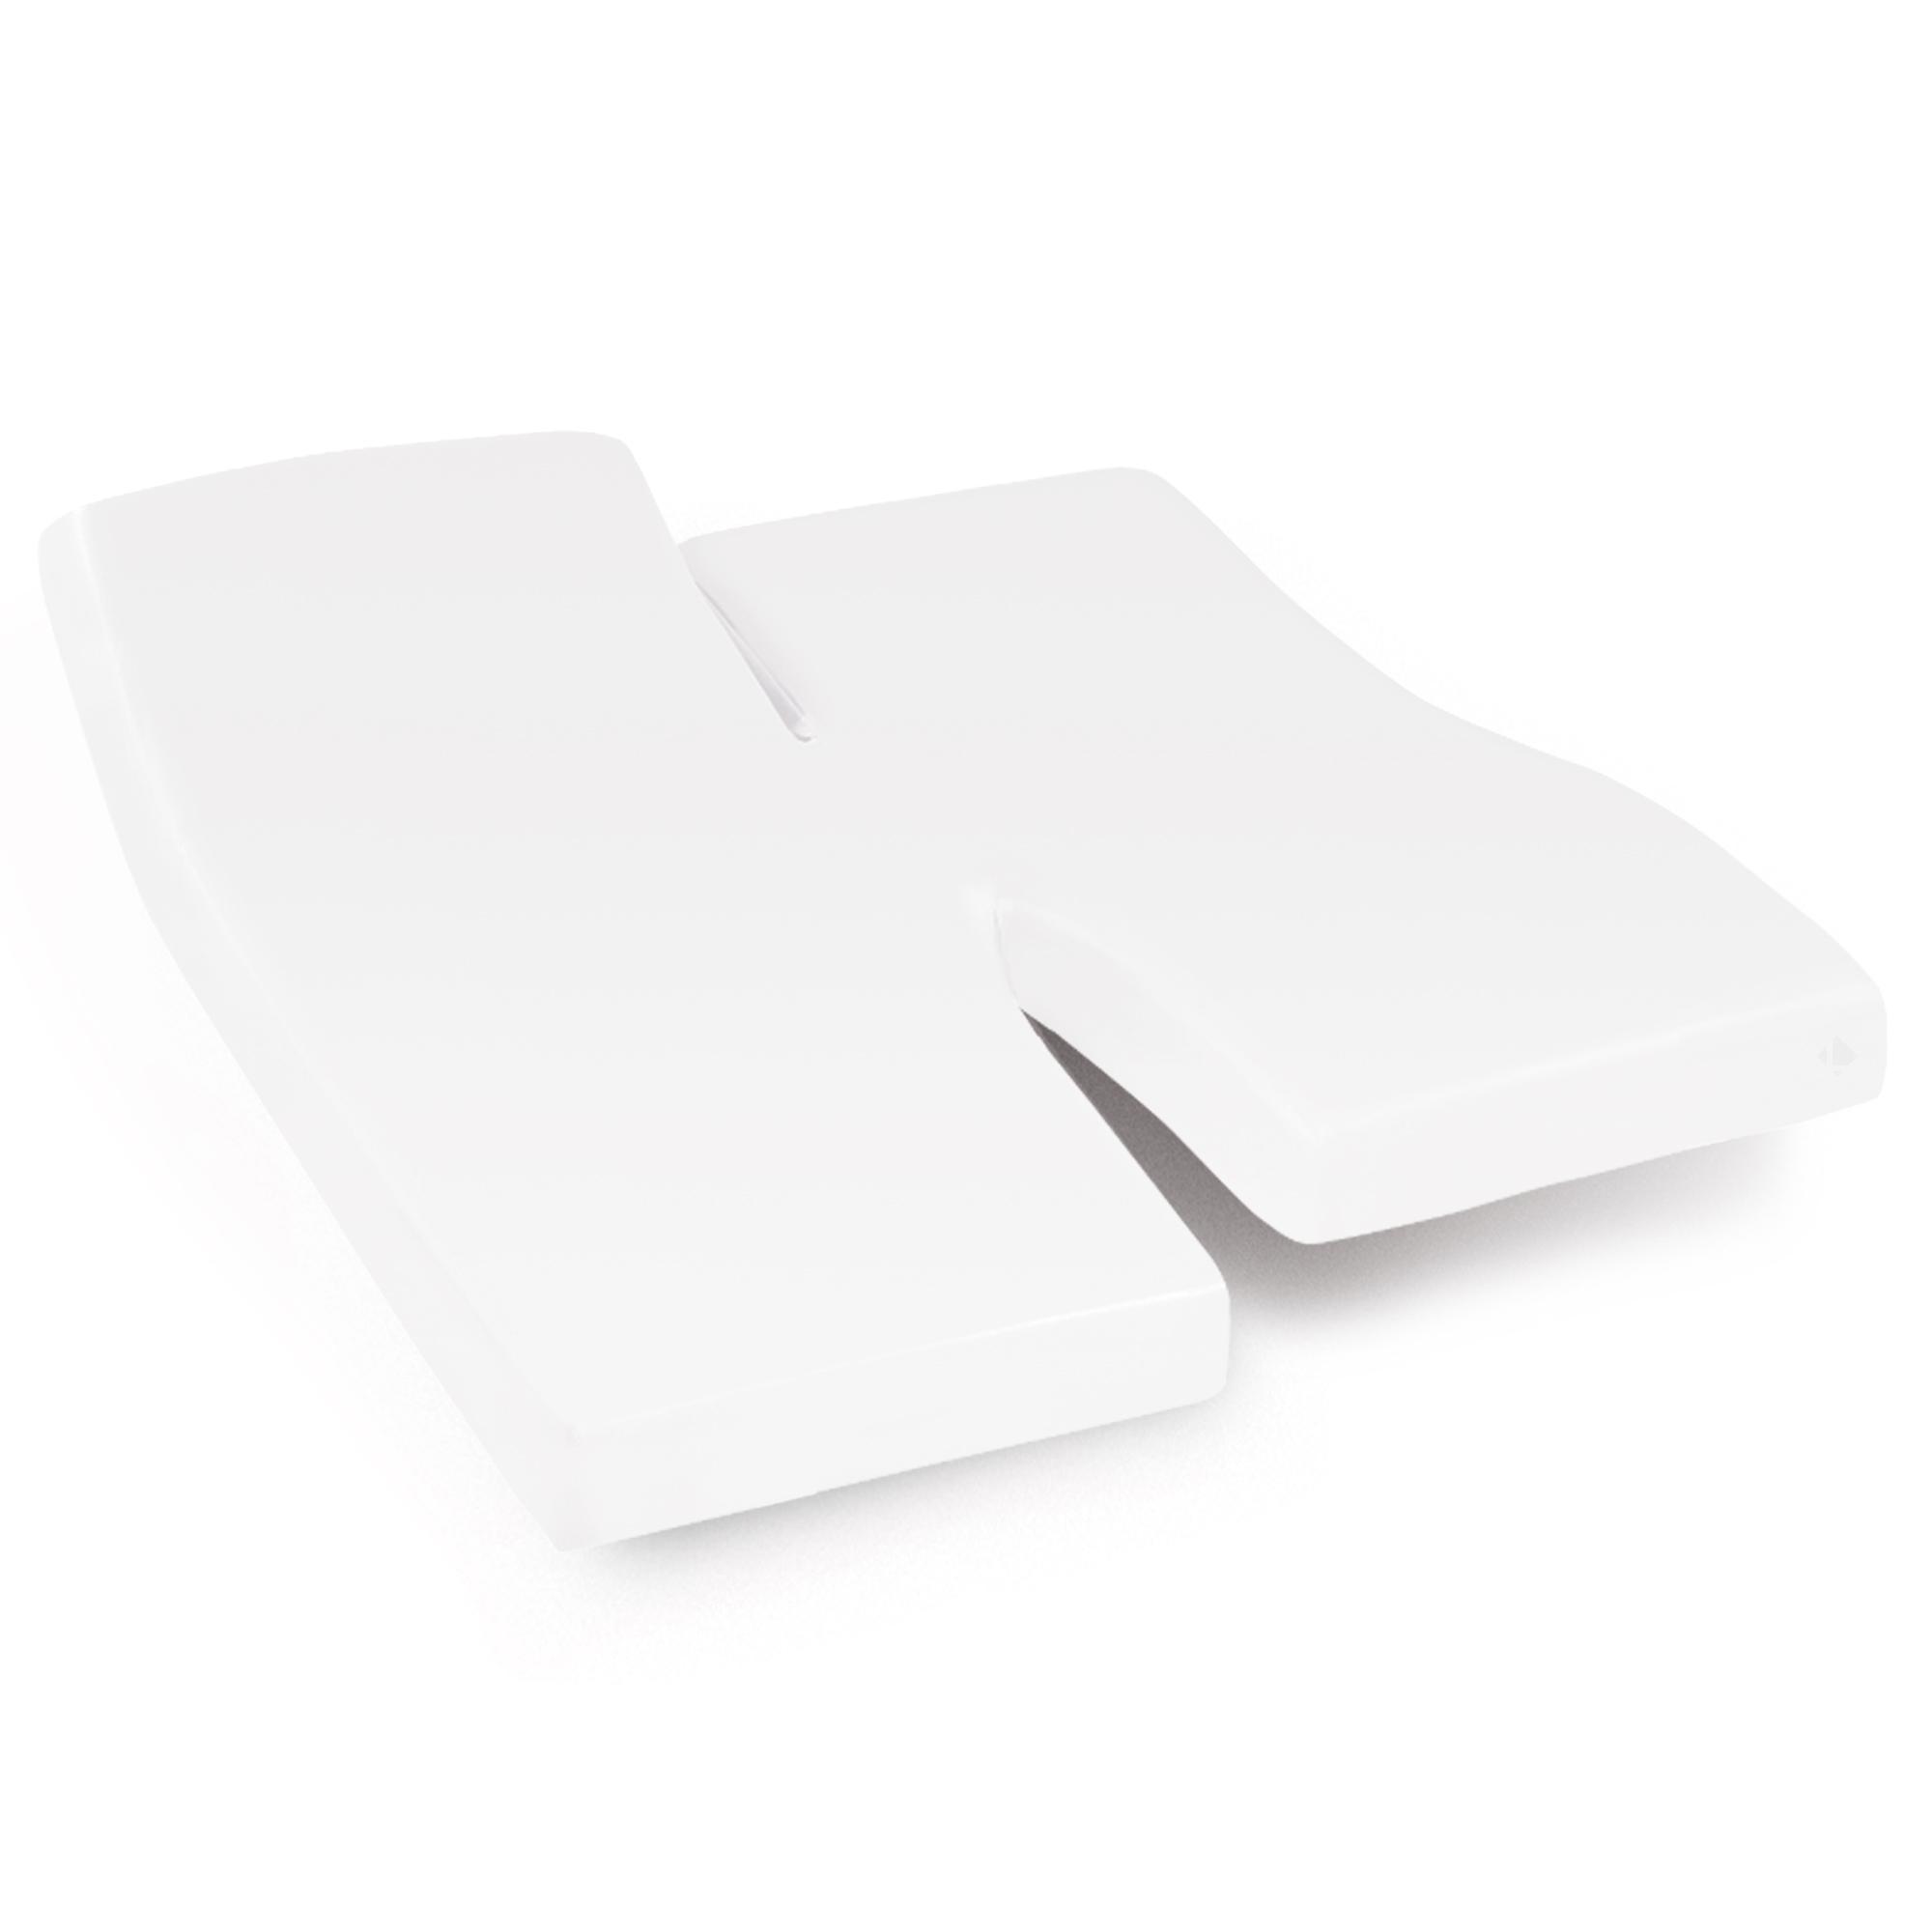 prot ge matelas imperm able 2x70x200 cm lit articul tpr bonnet 23cm arnon molleton 100 coton. Black Bedroom Furniture Sets. Home Design Ideas